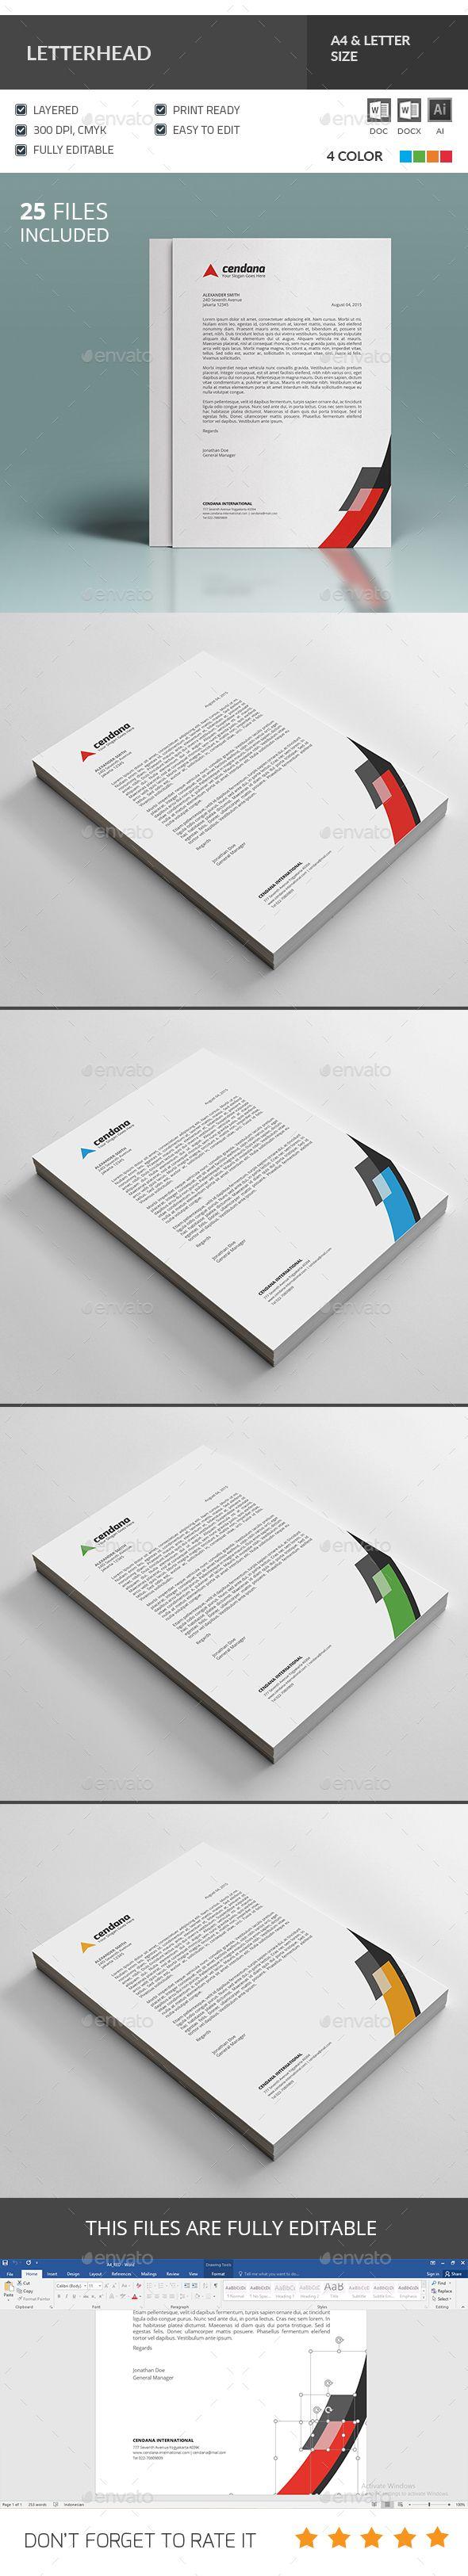 letter format on letterhead%0A Letterhead Template